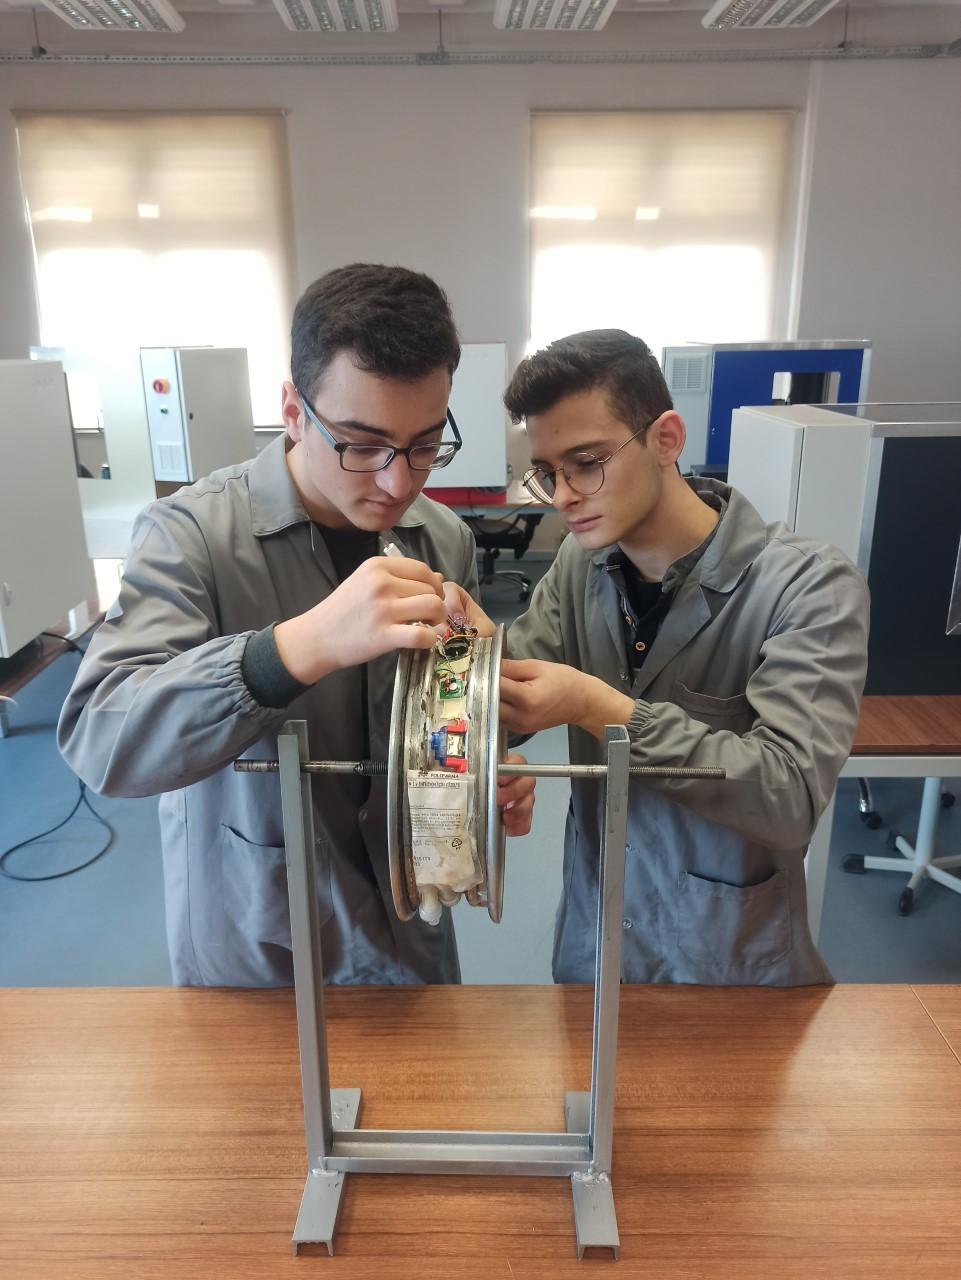 Özel ÇOSB Mesleki ve Teknik Anadolu Lisesi TÜBİTAK Yarışmasında Tekirdağ'ı Temsil Edecek